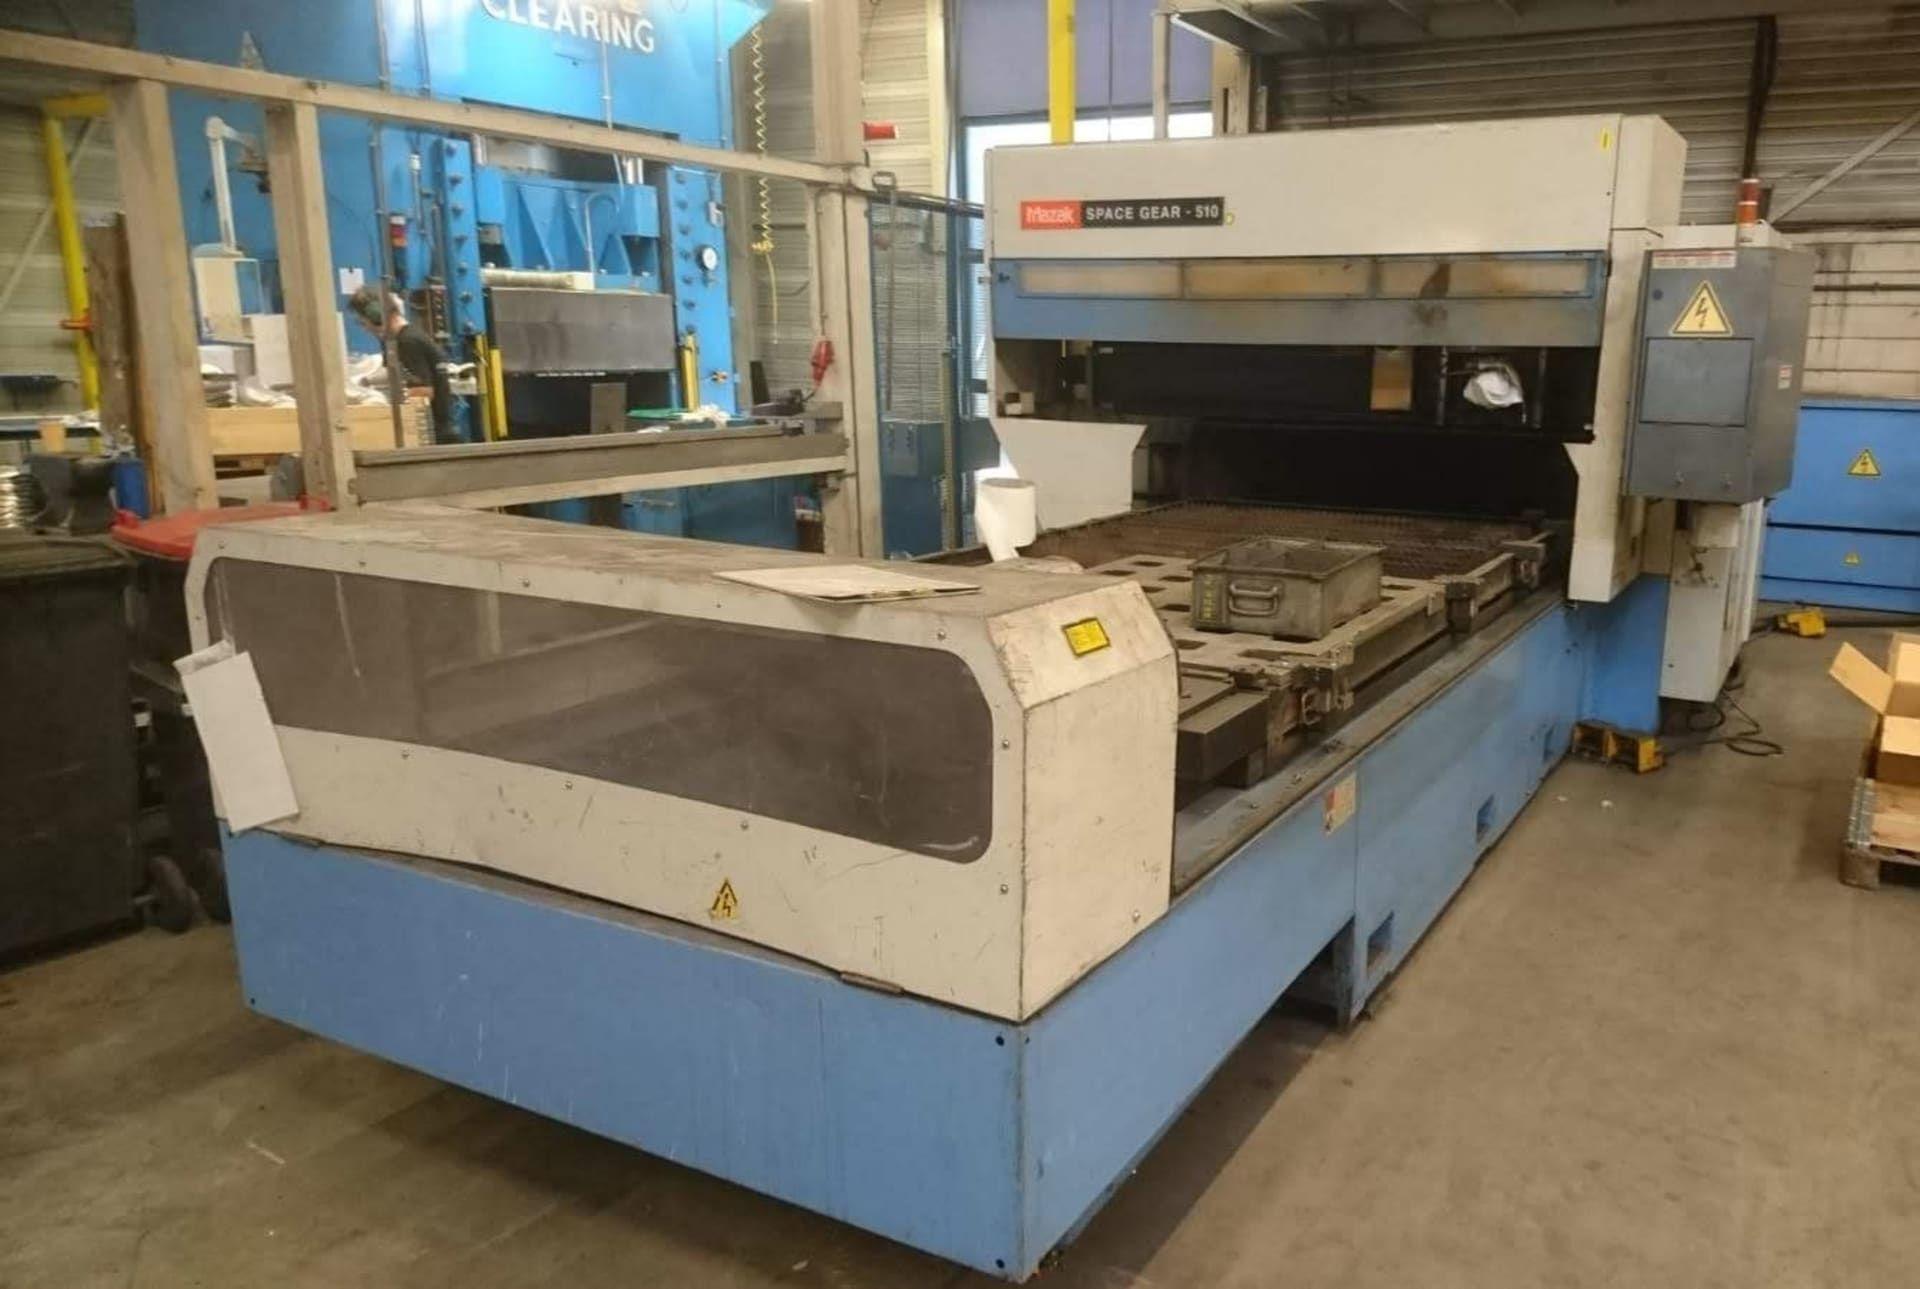 MAZAK Spacegear 510 CNC Laserschneidanlage